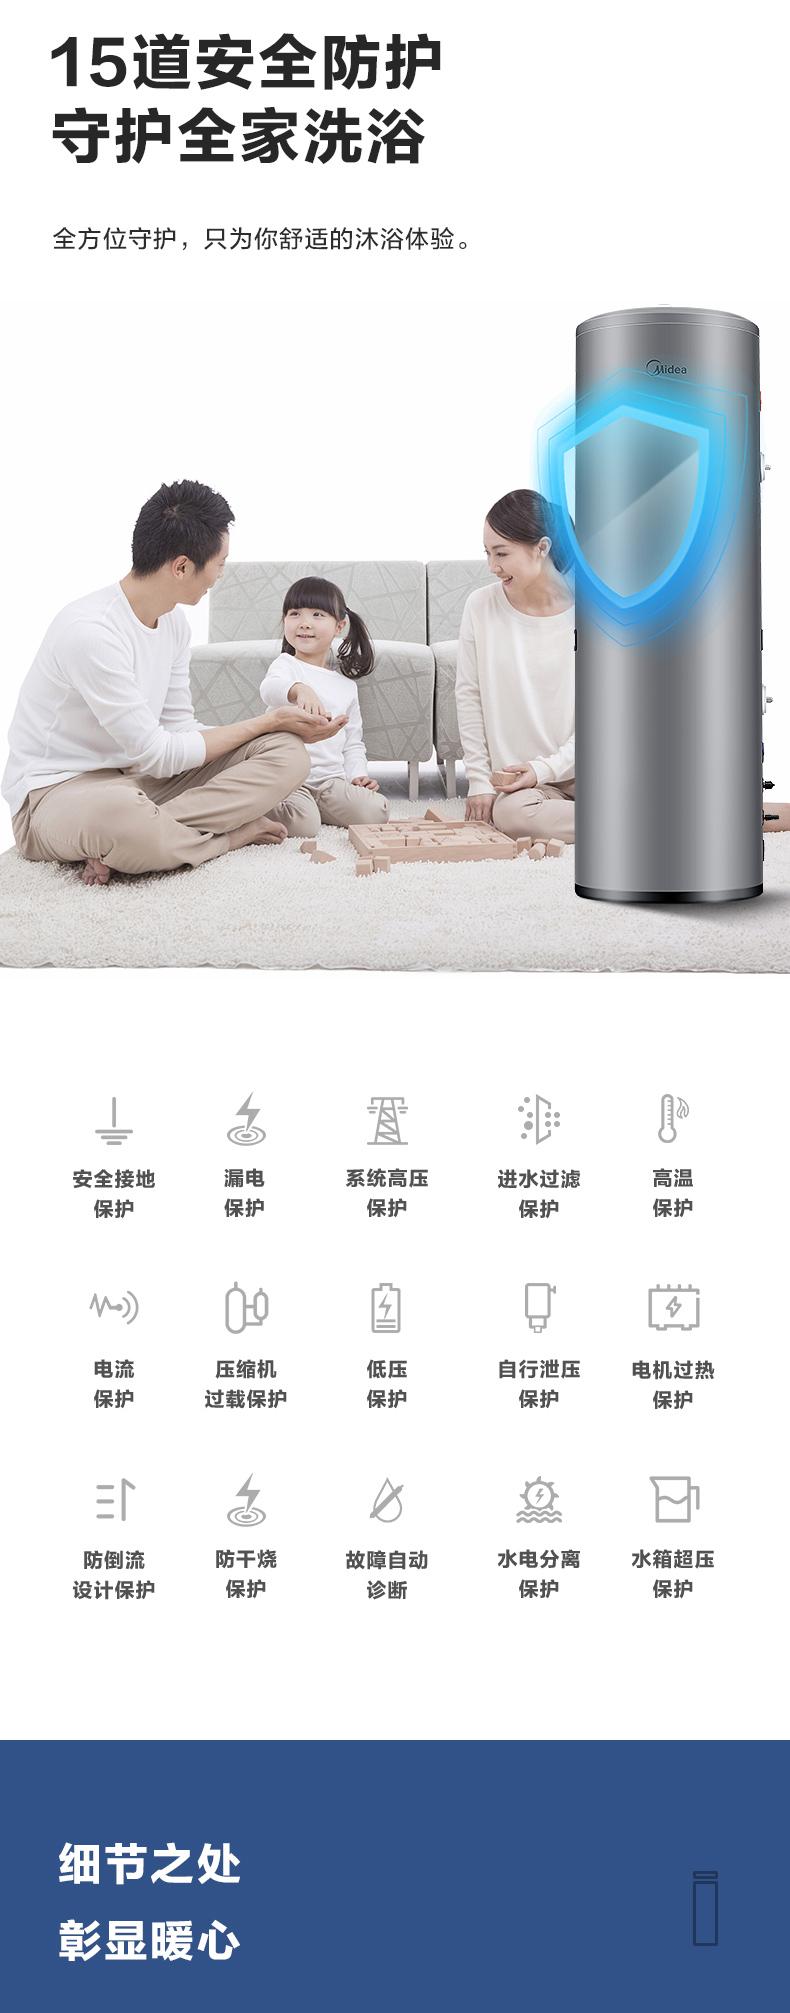 昆明美的家用空气能热水器怎么样